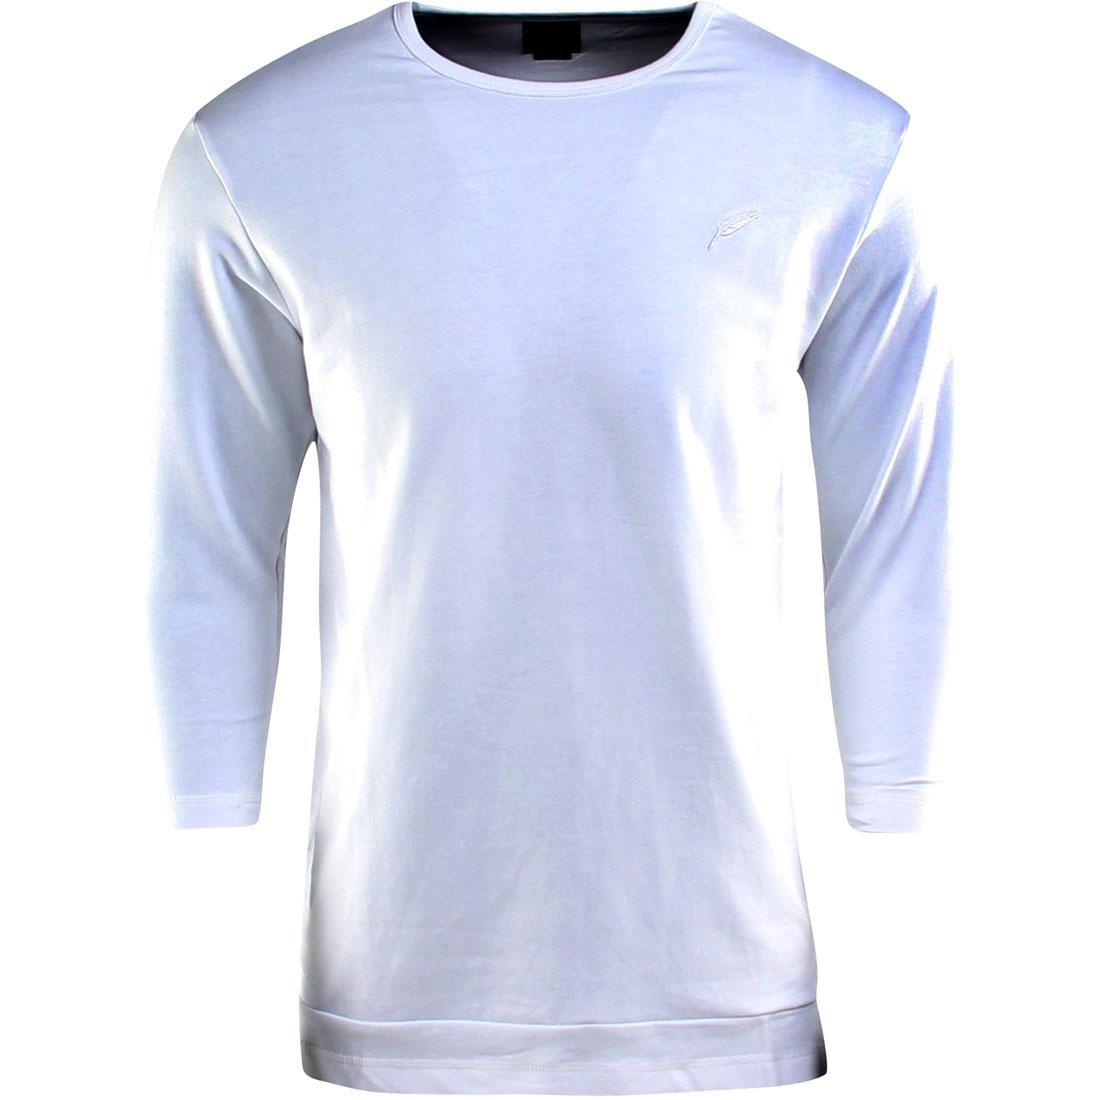 【海外限定】パブリッシュ スリーブ Tシャツ TEE カットソー メンズファッション Tシャツ【【 SLEEVE PUBLISH EVERIT FRENCH TERRY 3 4 TEE WHITE】, ラグ&カーペットのコレクション:d0abeee2 --- officewill.xsrv.jp